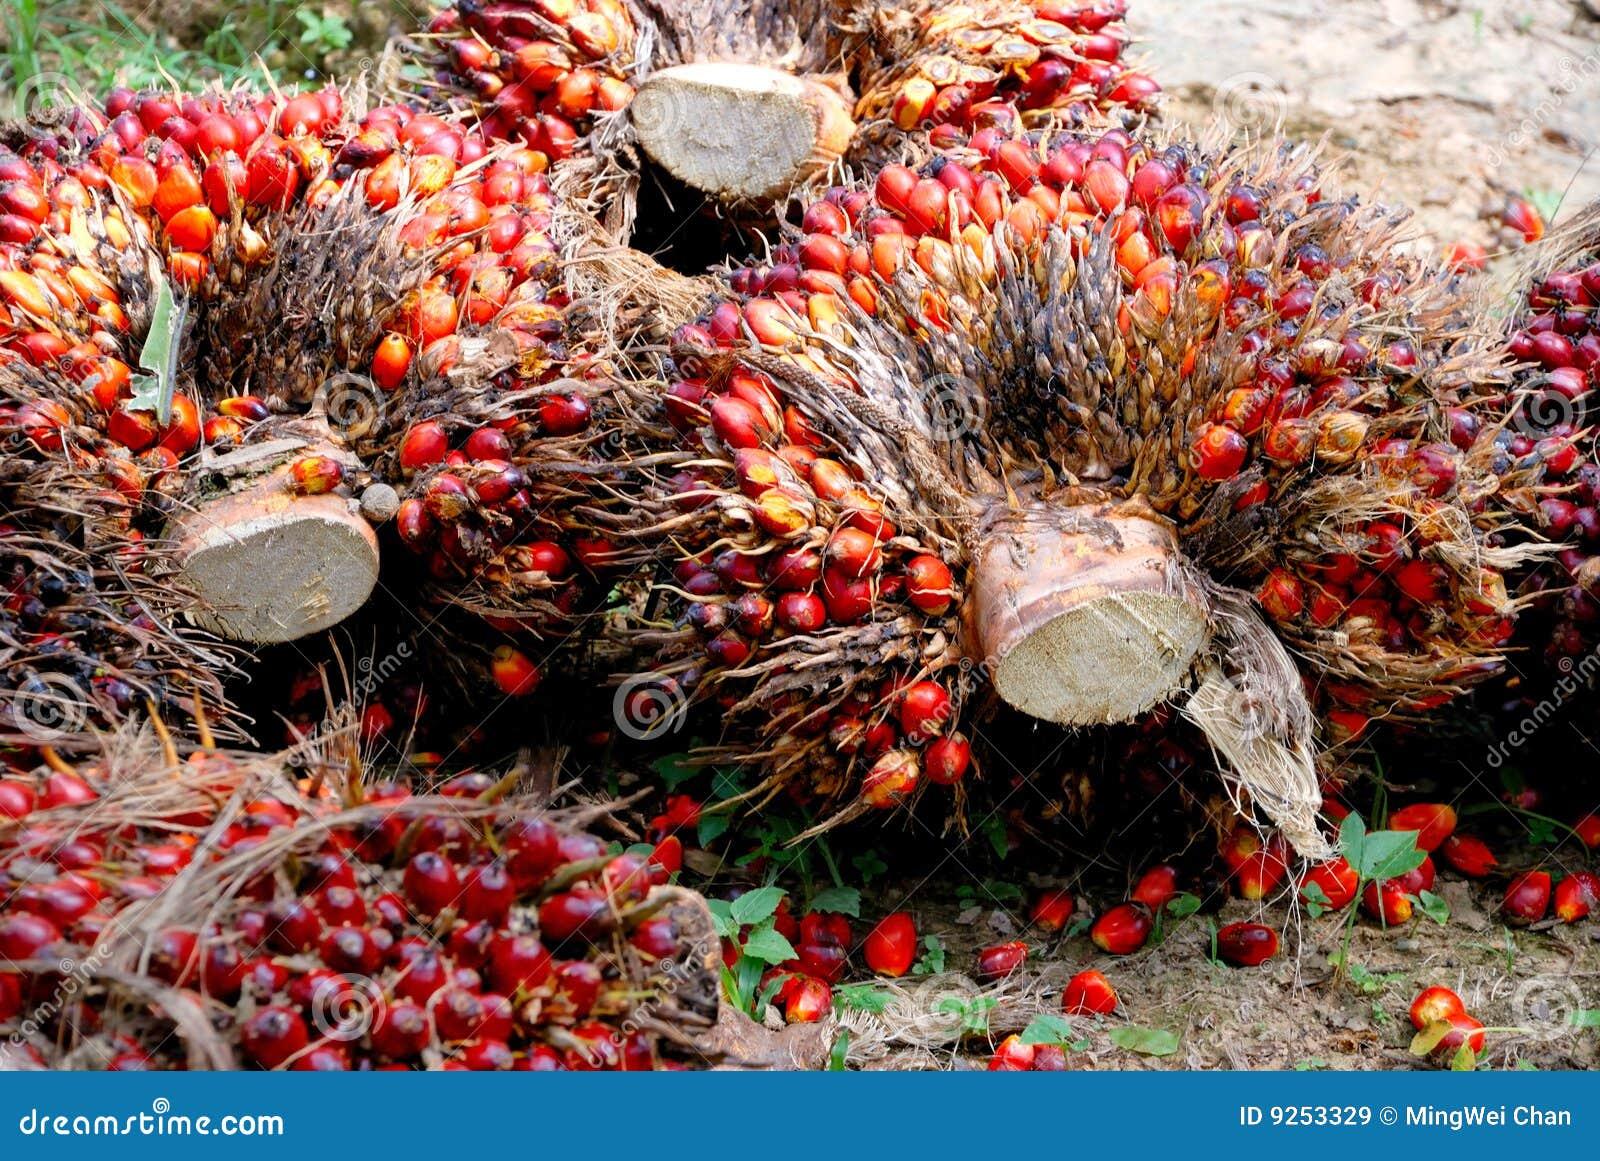 palmier graine